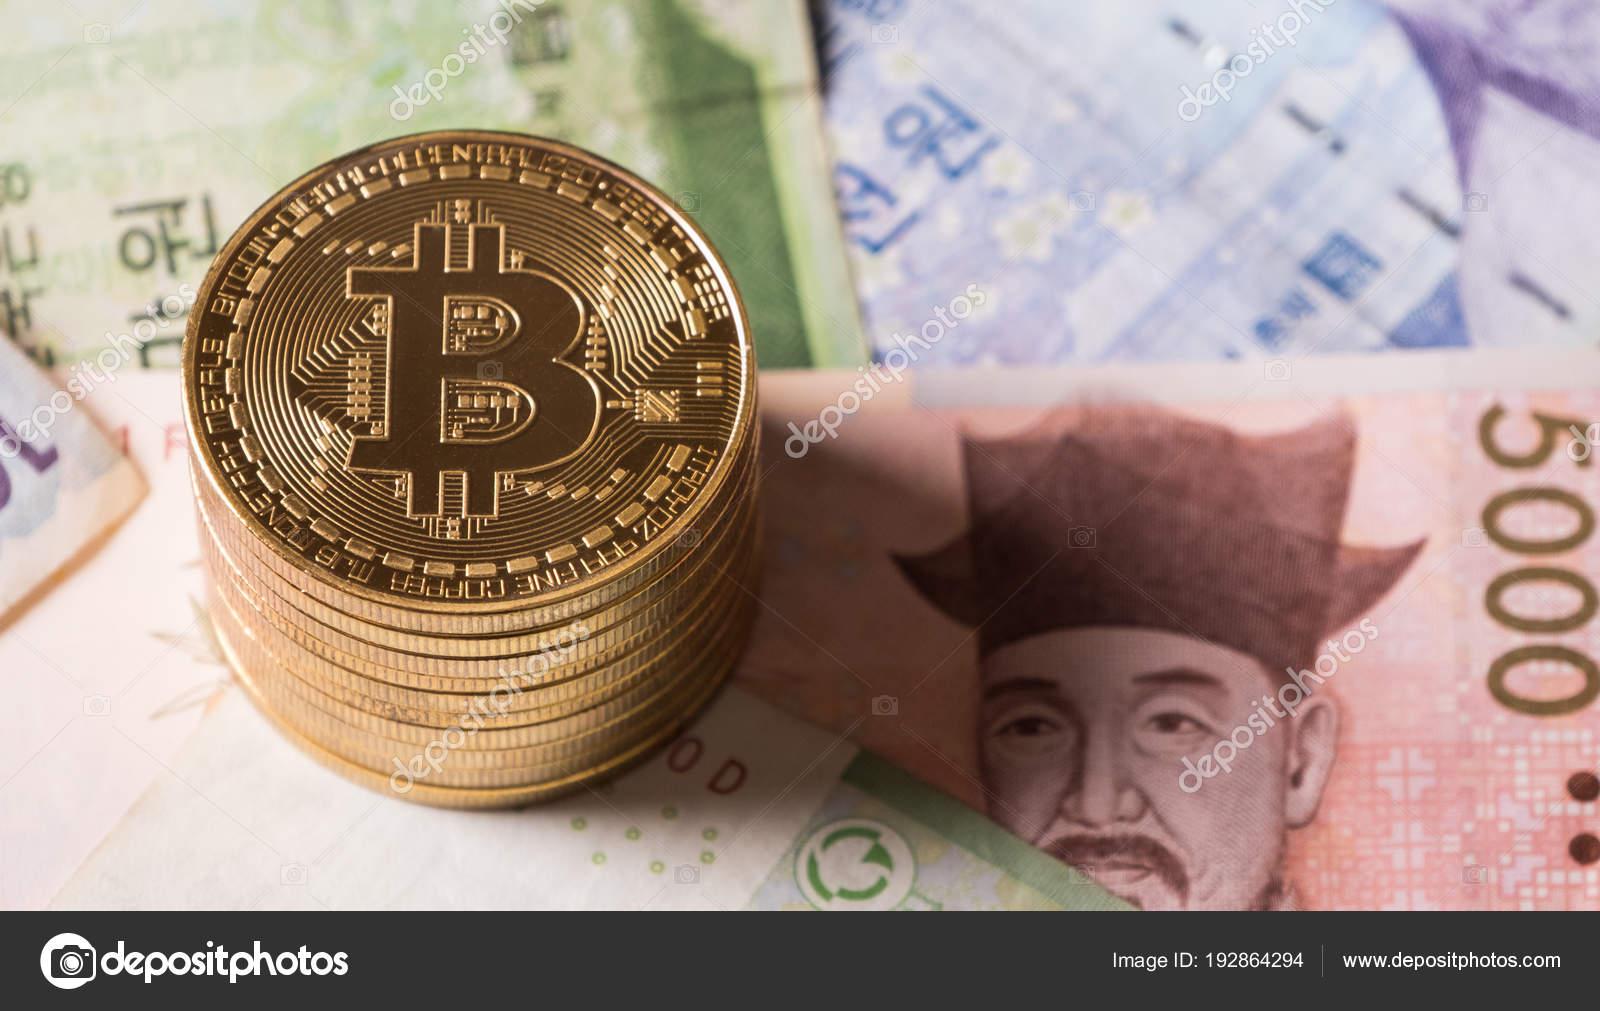 Bitcoin korean won